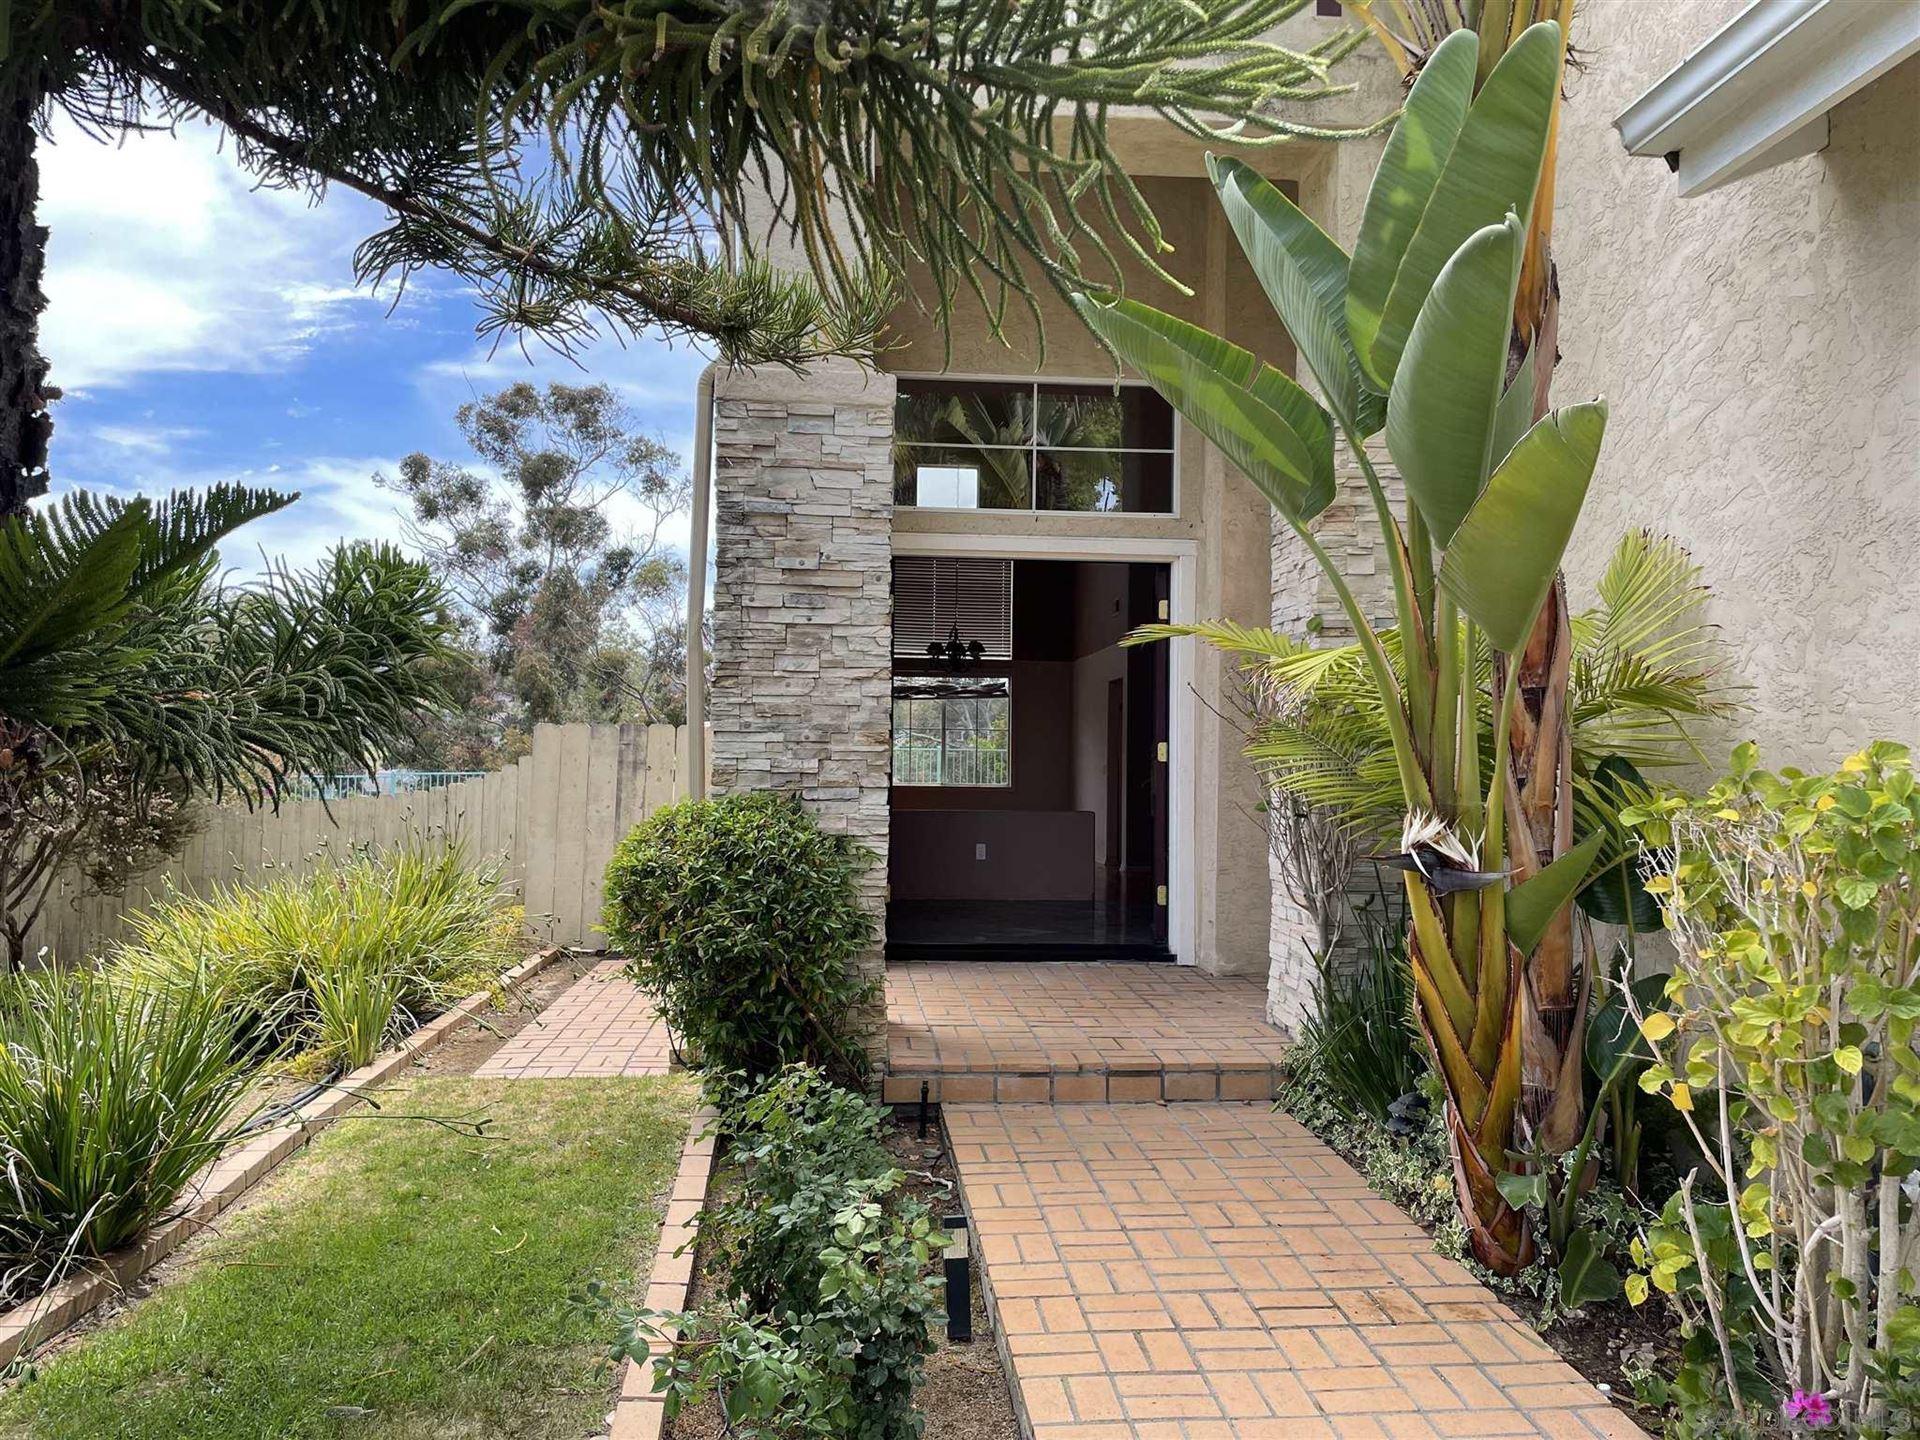 Photo of 2973 Avenida Valera, Carlsbad, CA 92009 (MLS # 210016048)